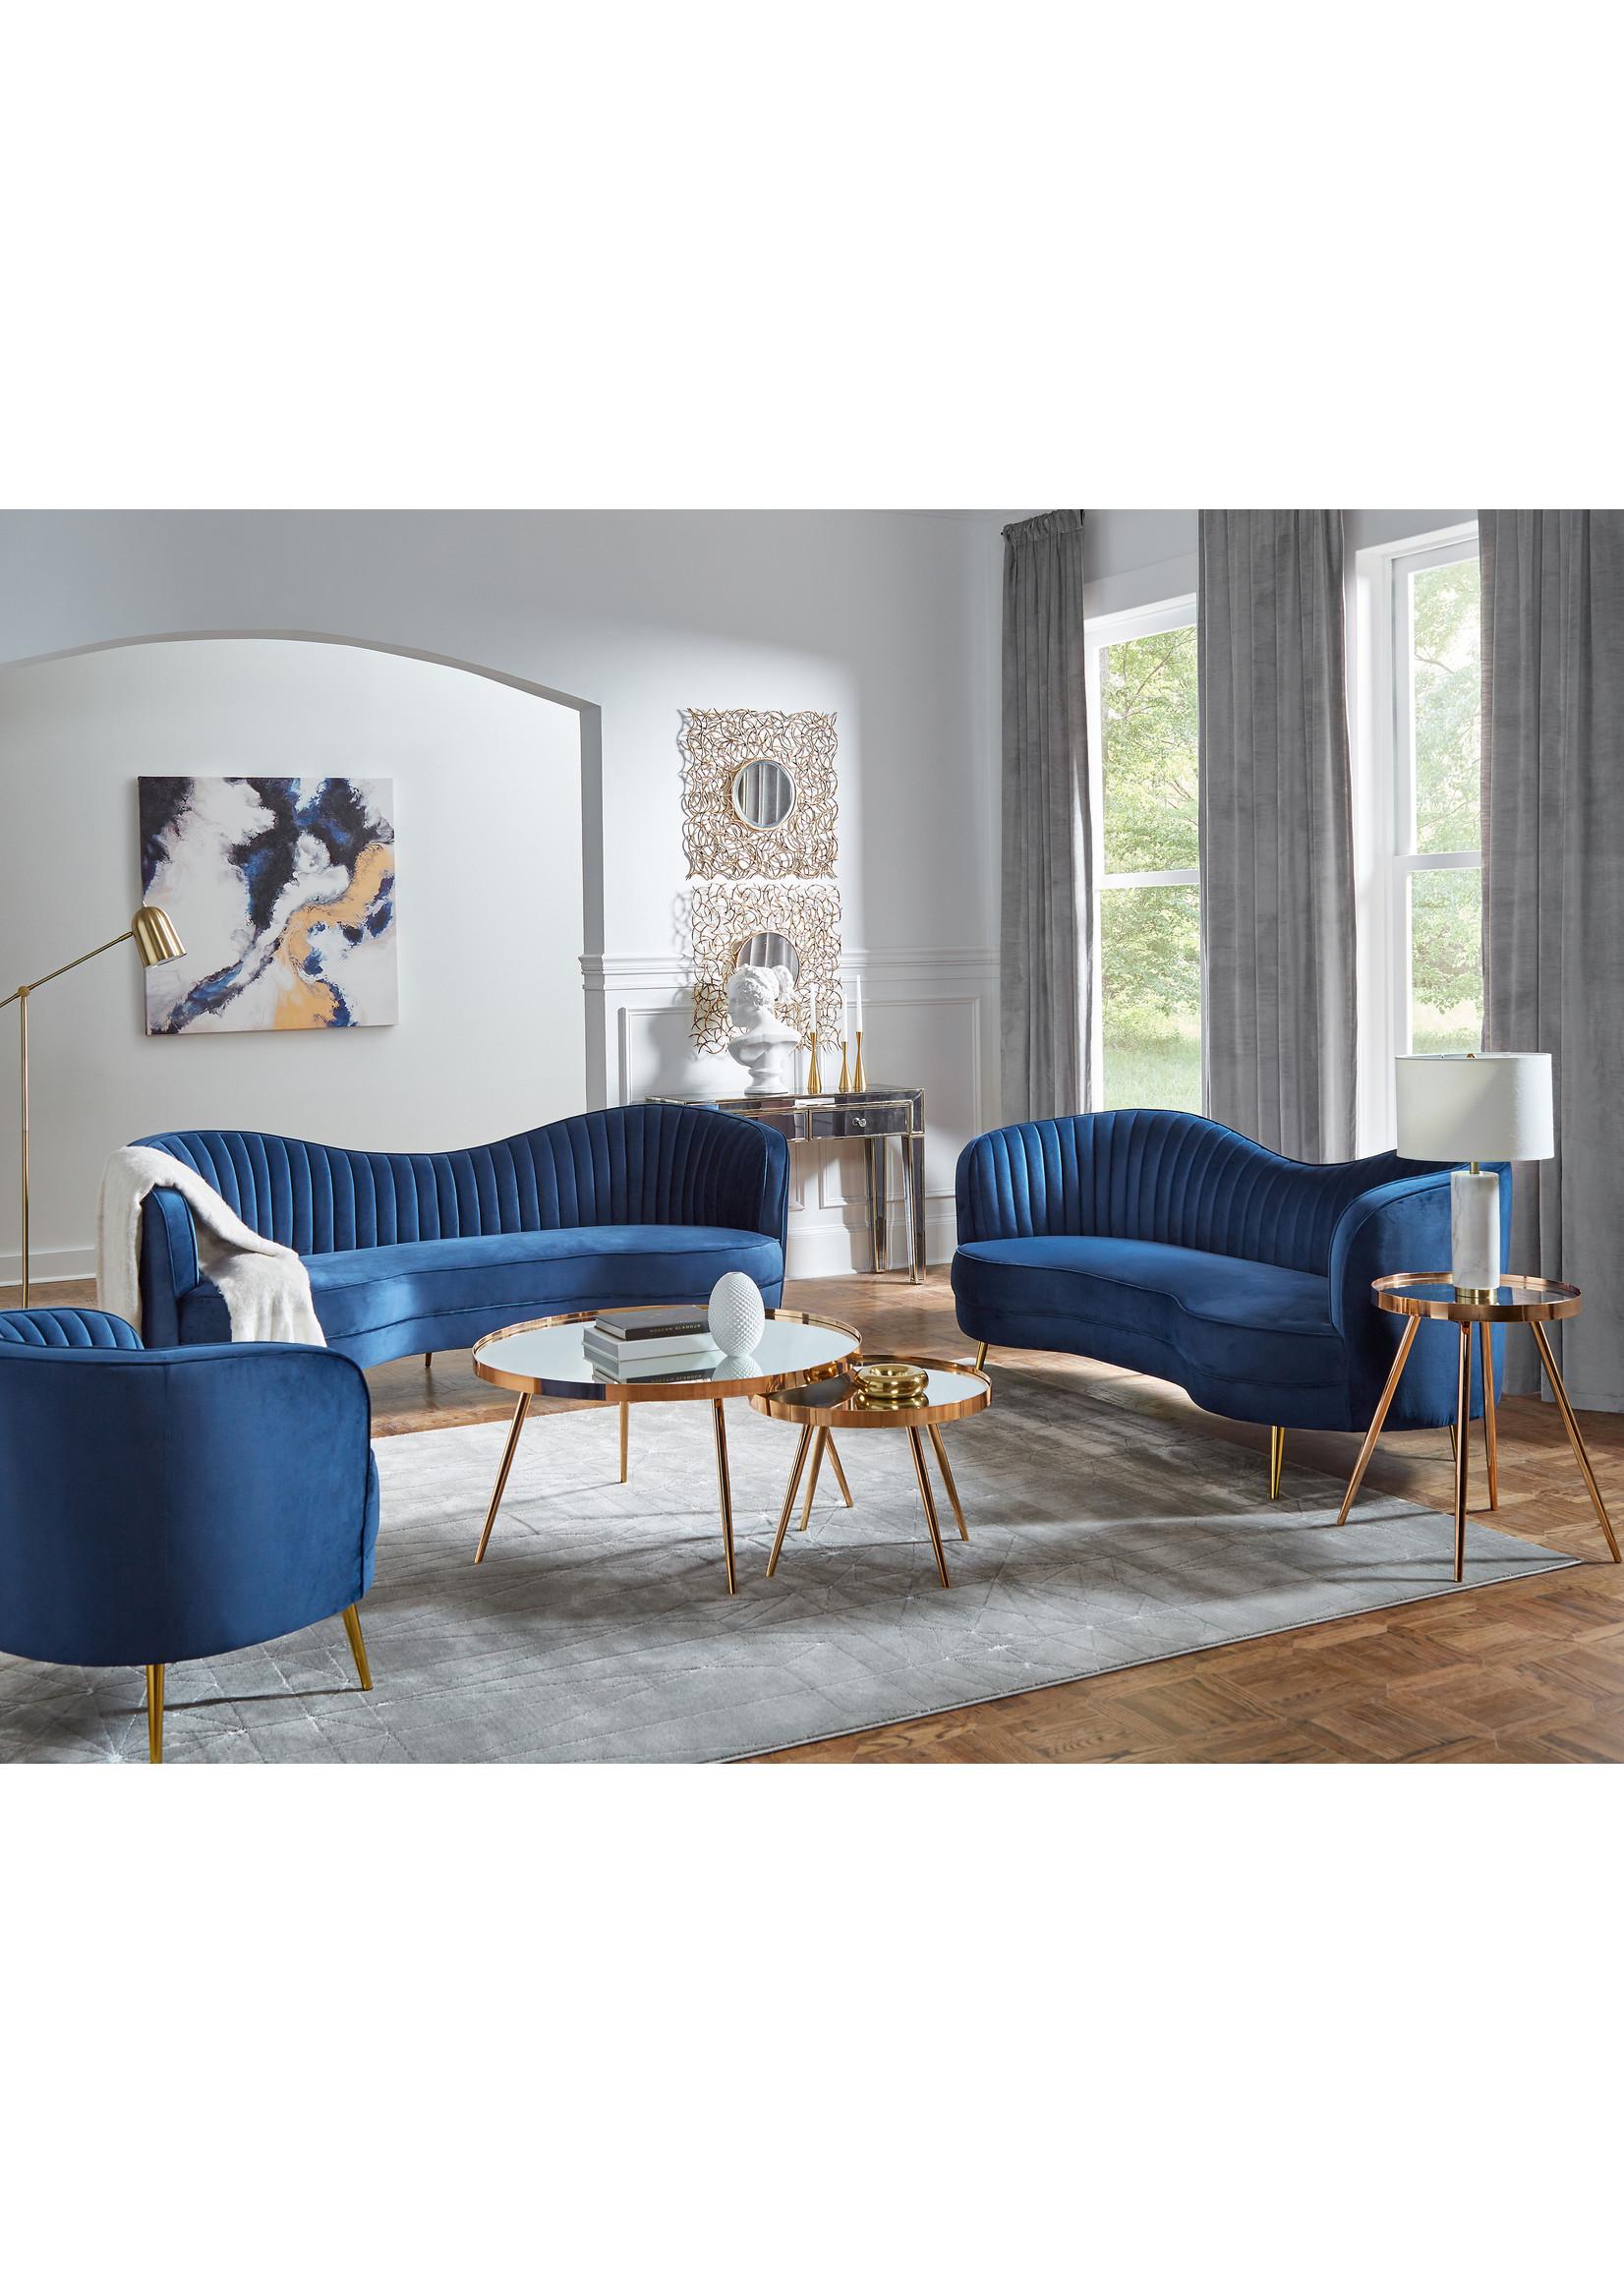 Coaster Furniture Sophia Sofa in Blue Velvet by Coaster